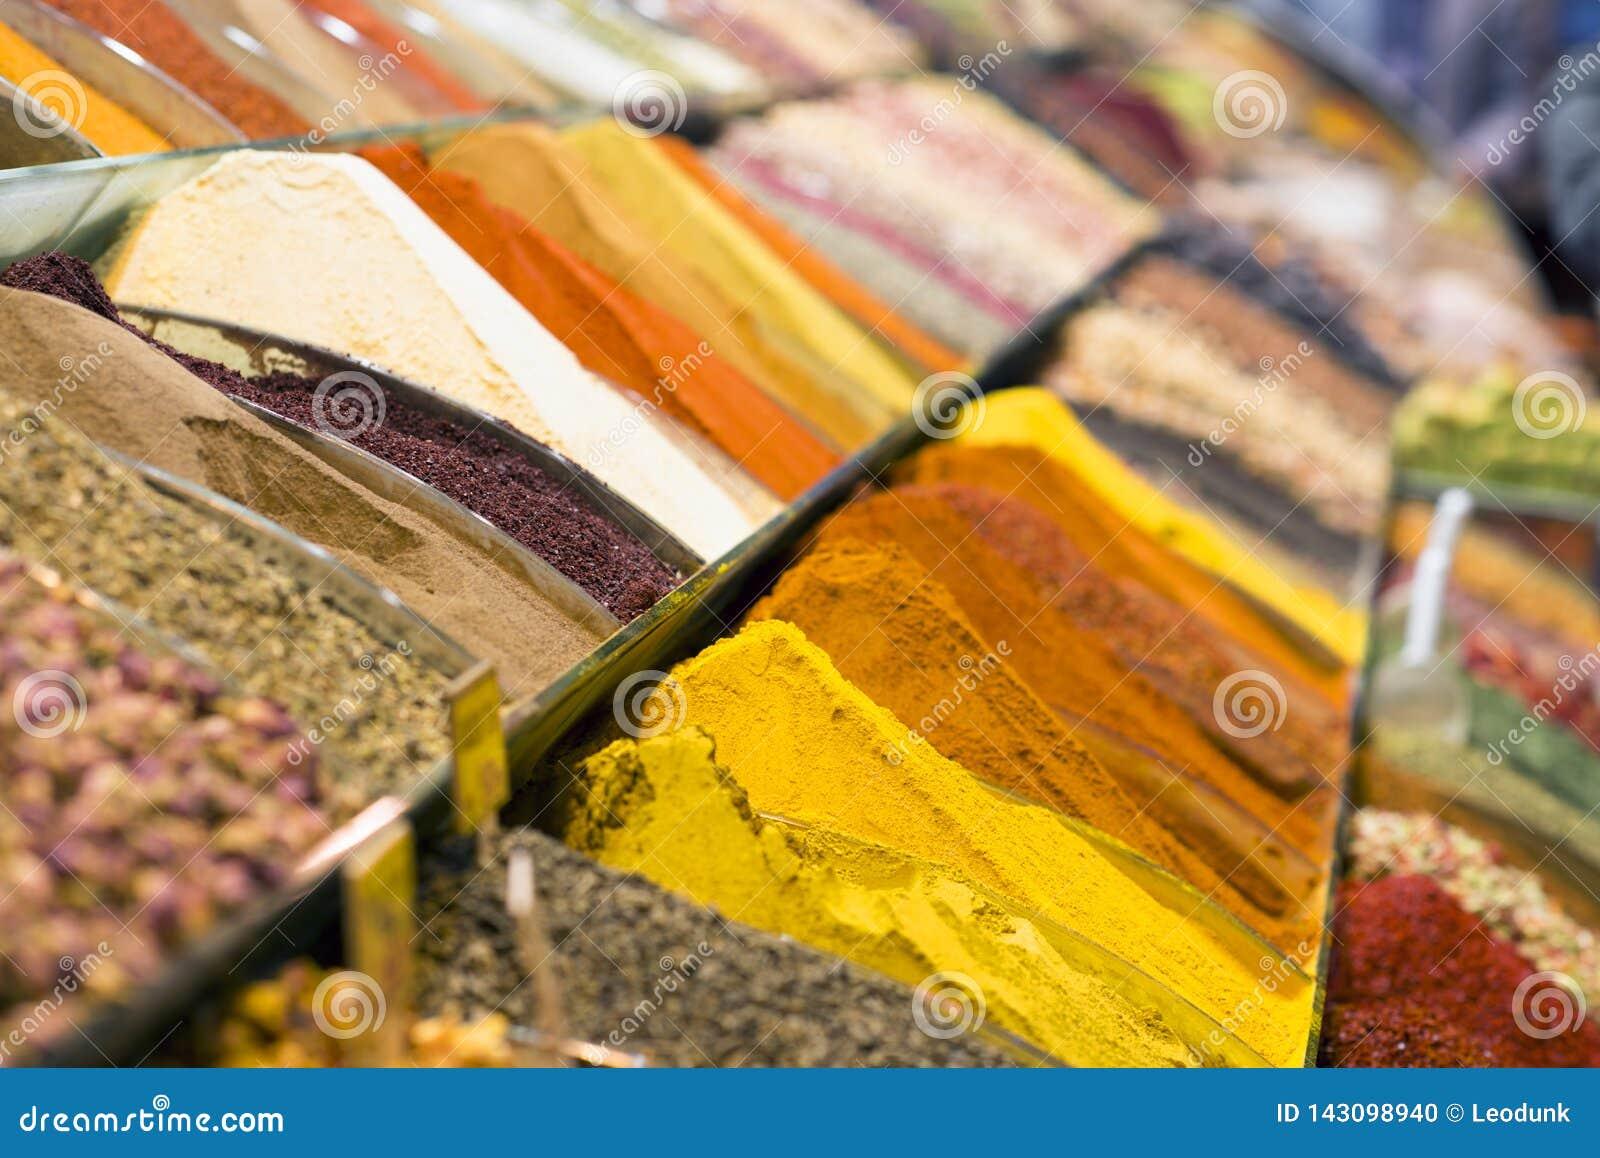 Άποψη των τουρκικών καρυκευμάτων στο μεγάλο καρύκευμα Bazaar Τα ζωηρόχρωμα καρυκεύματα στην πώληση ψωνίζουν στην αγορά καρυκευμάτ